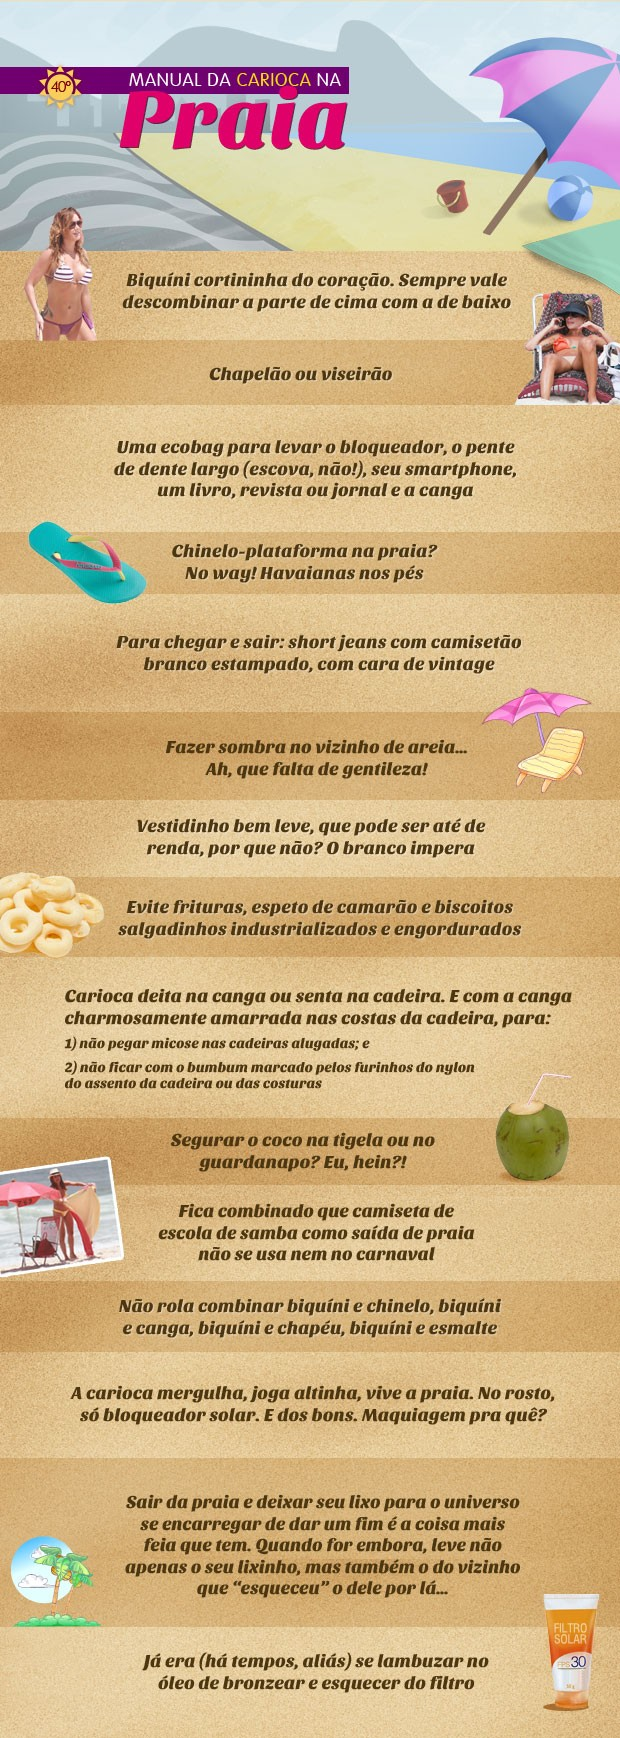 Manual da Carioca na Praia (Foto: EGO)